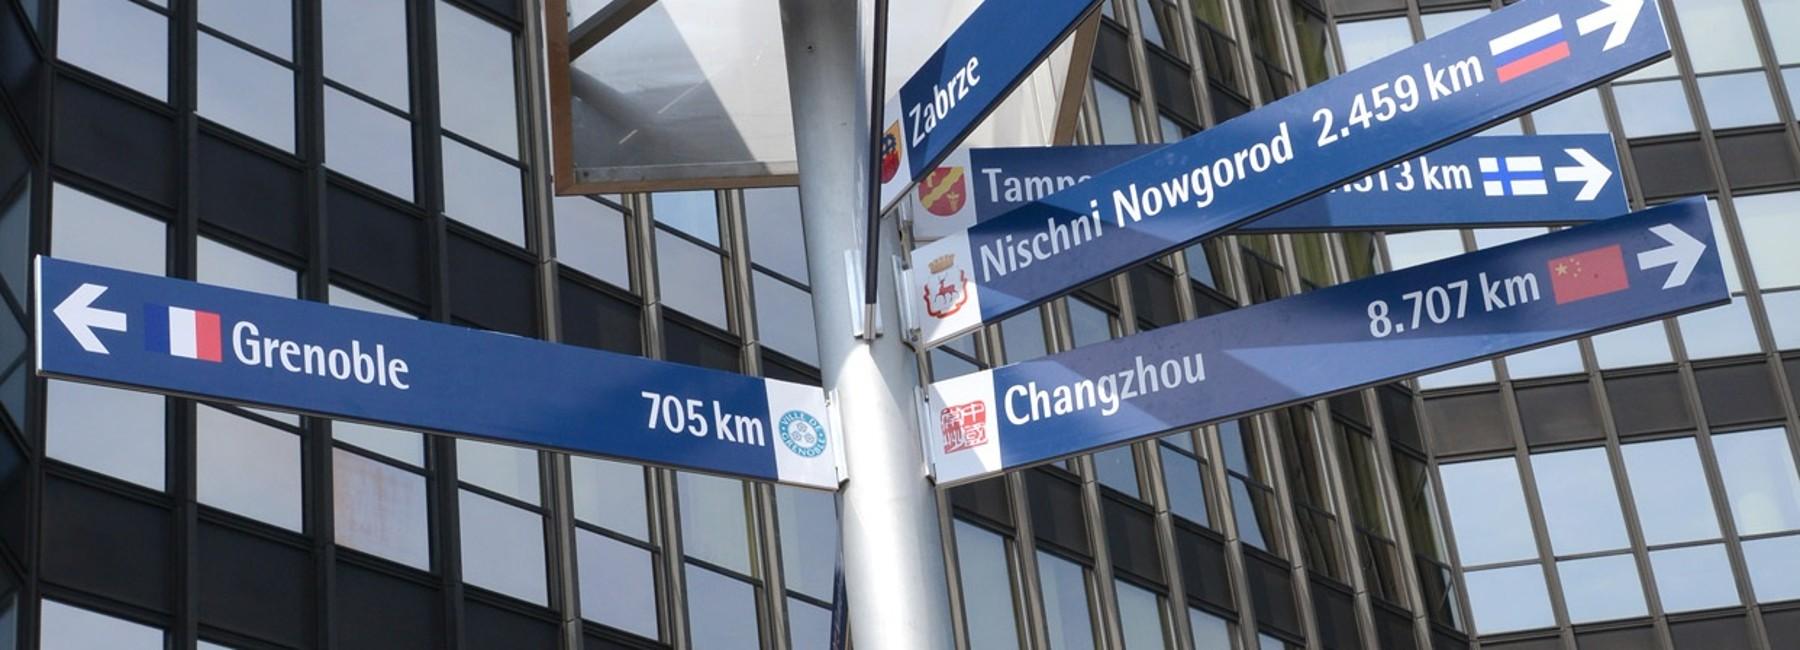 Wegweiser zu den Partnerstädten der Stadt Essen vor dem Rathaus